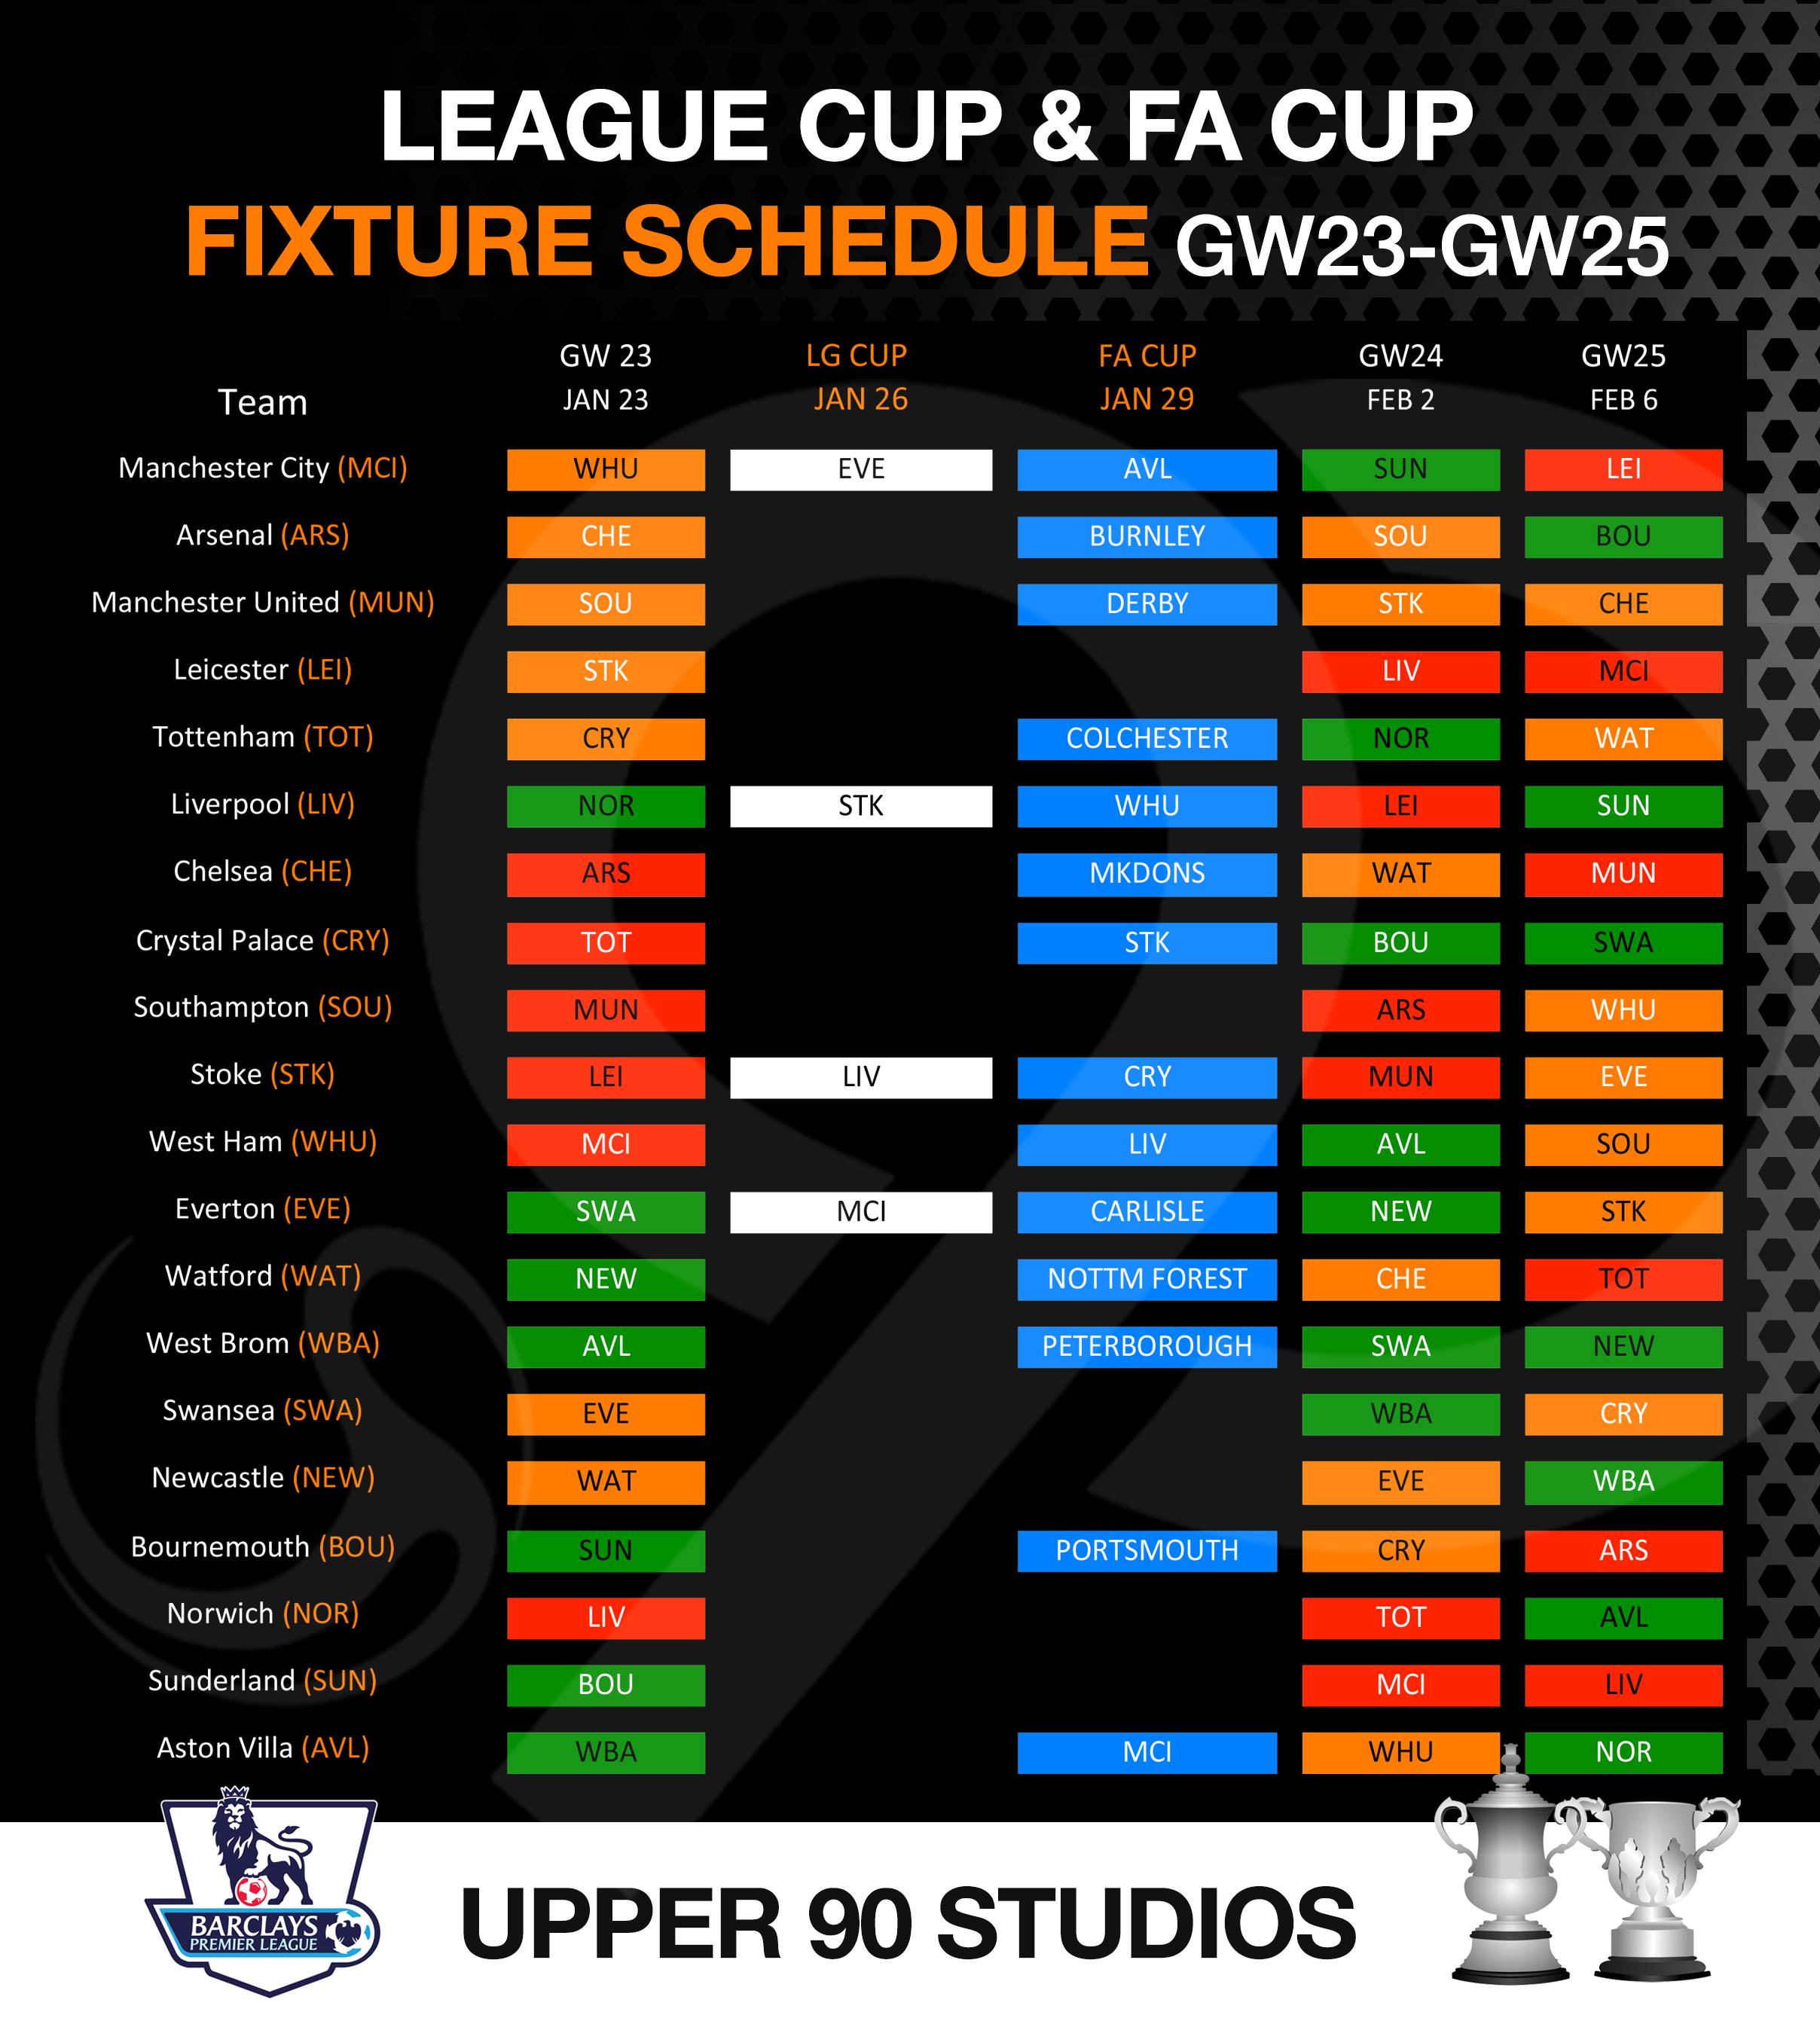 fantasy premier league gw24 - league and fa cup schedule - sanchez